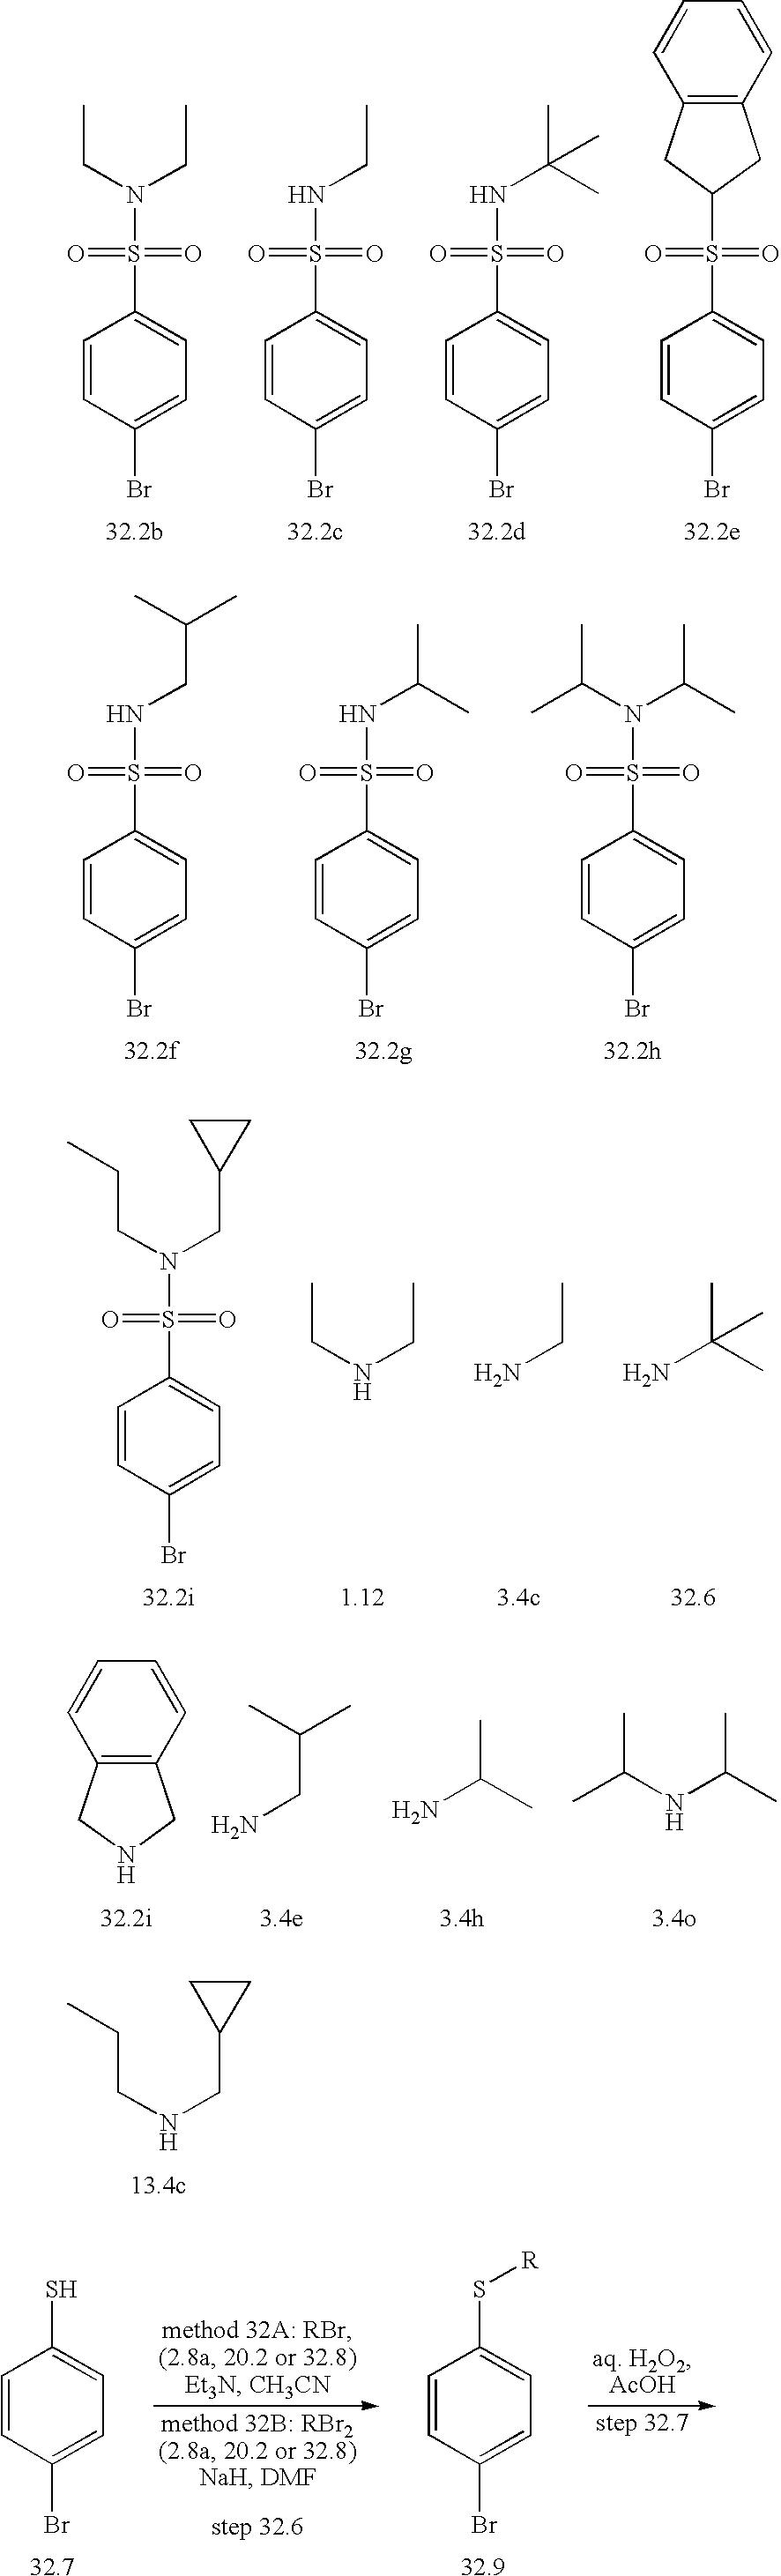 Figure US20100029614A1-20100204-C00178